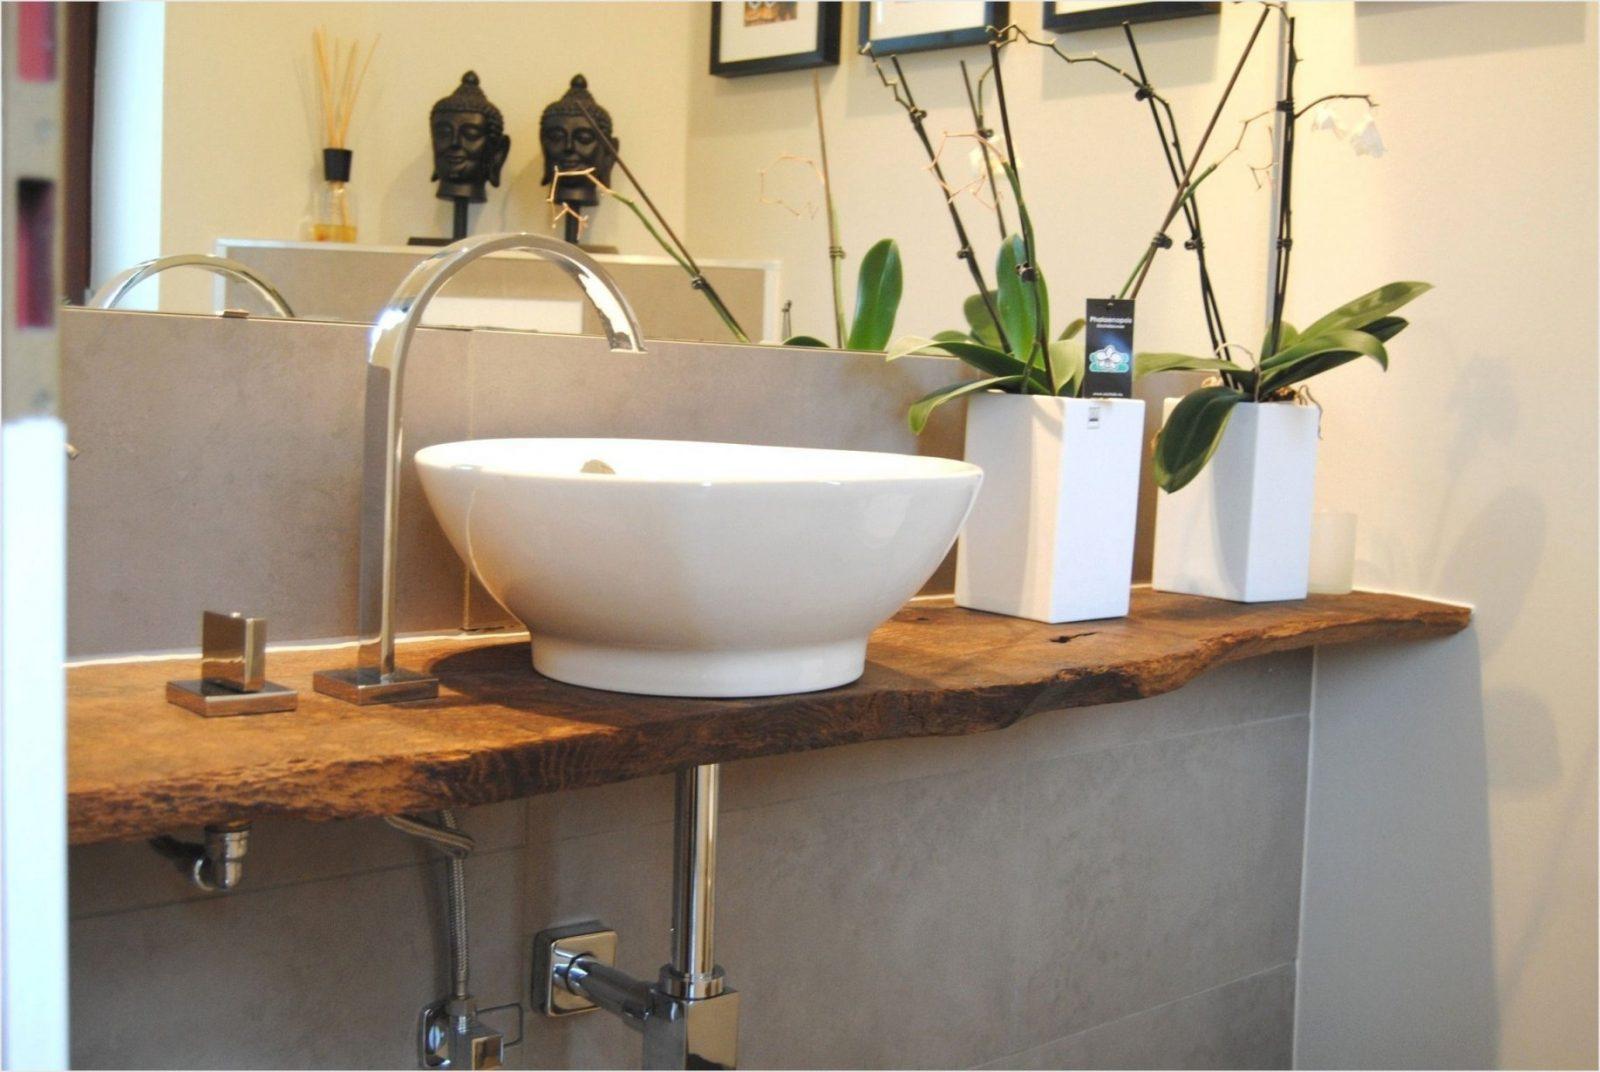 Waschtischkonsole Selber Bauen von Waschbecken Platte Selber Bauen Photo